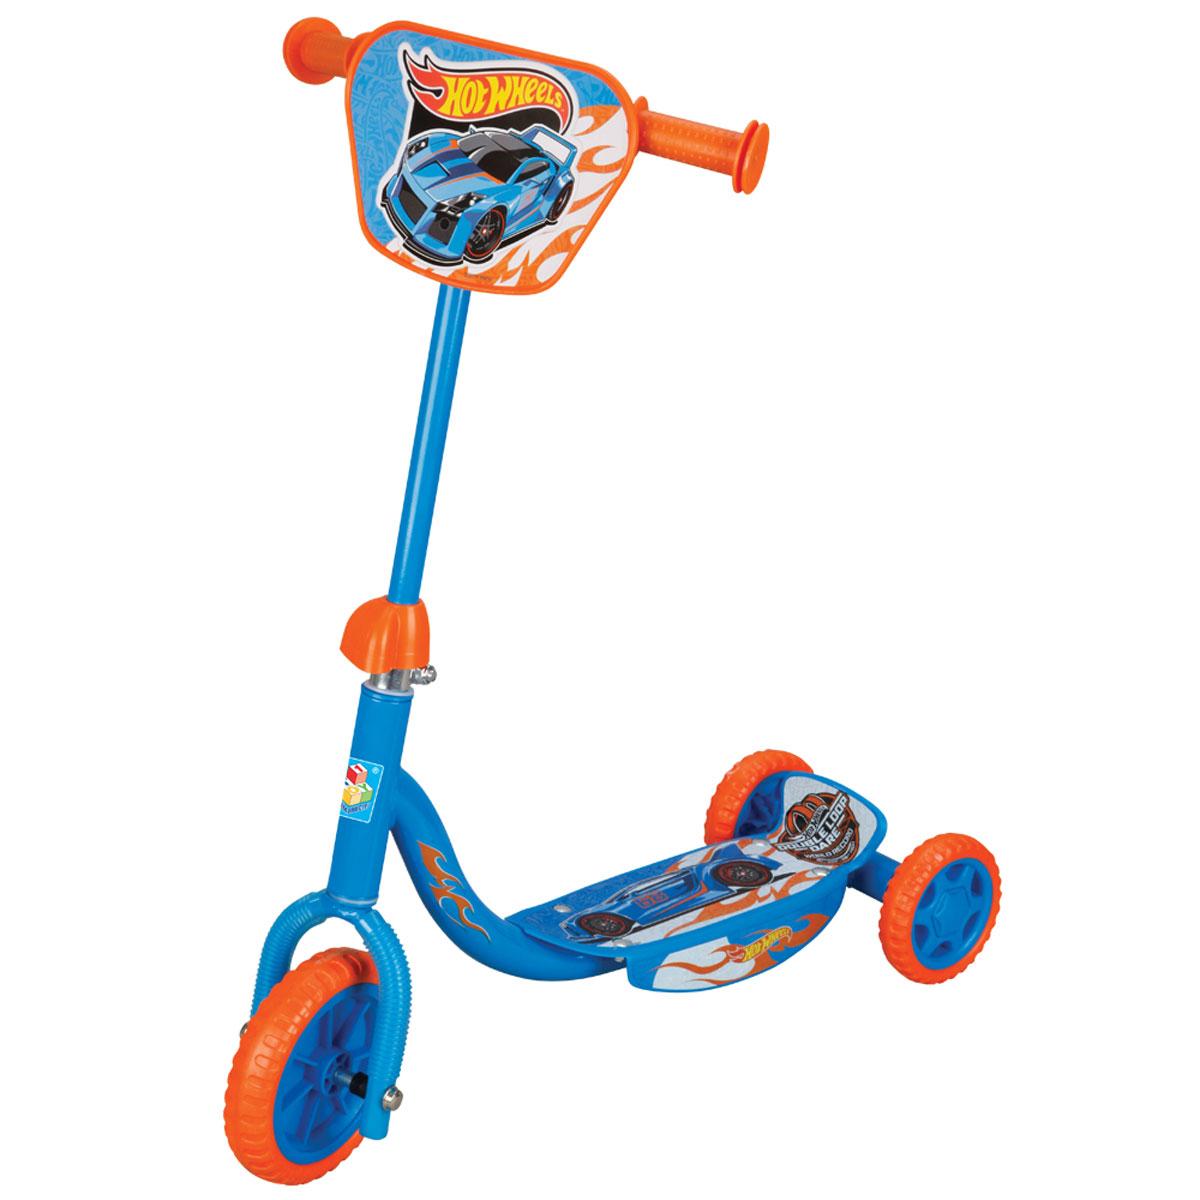 1TOY Самокат детский трехколесный Hot Wheels с декоративной панельюТ57645Самокат 1toy Hot wheels 3-х колесный, EVA колеса, декоративная панель